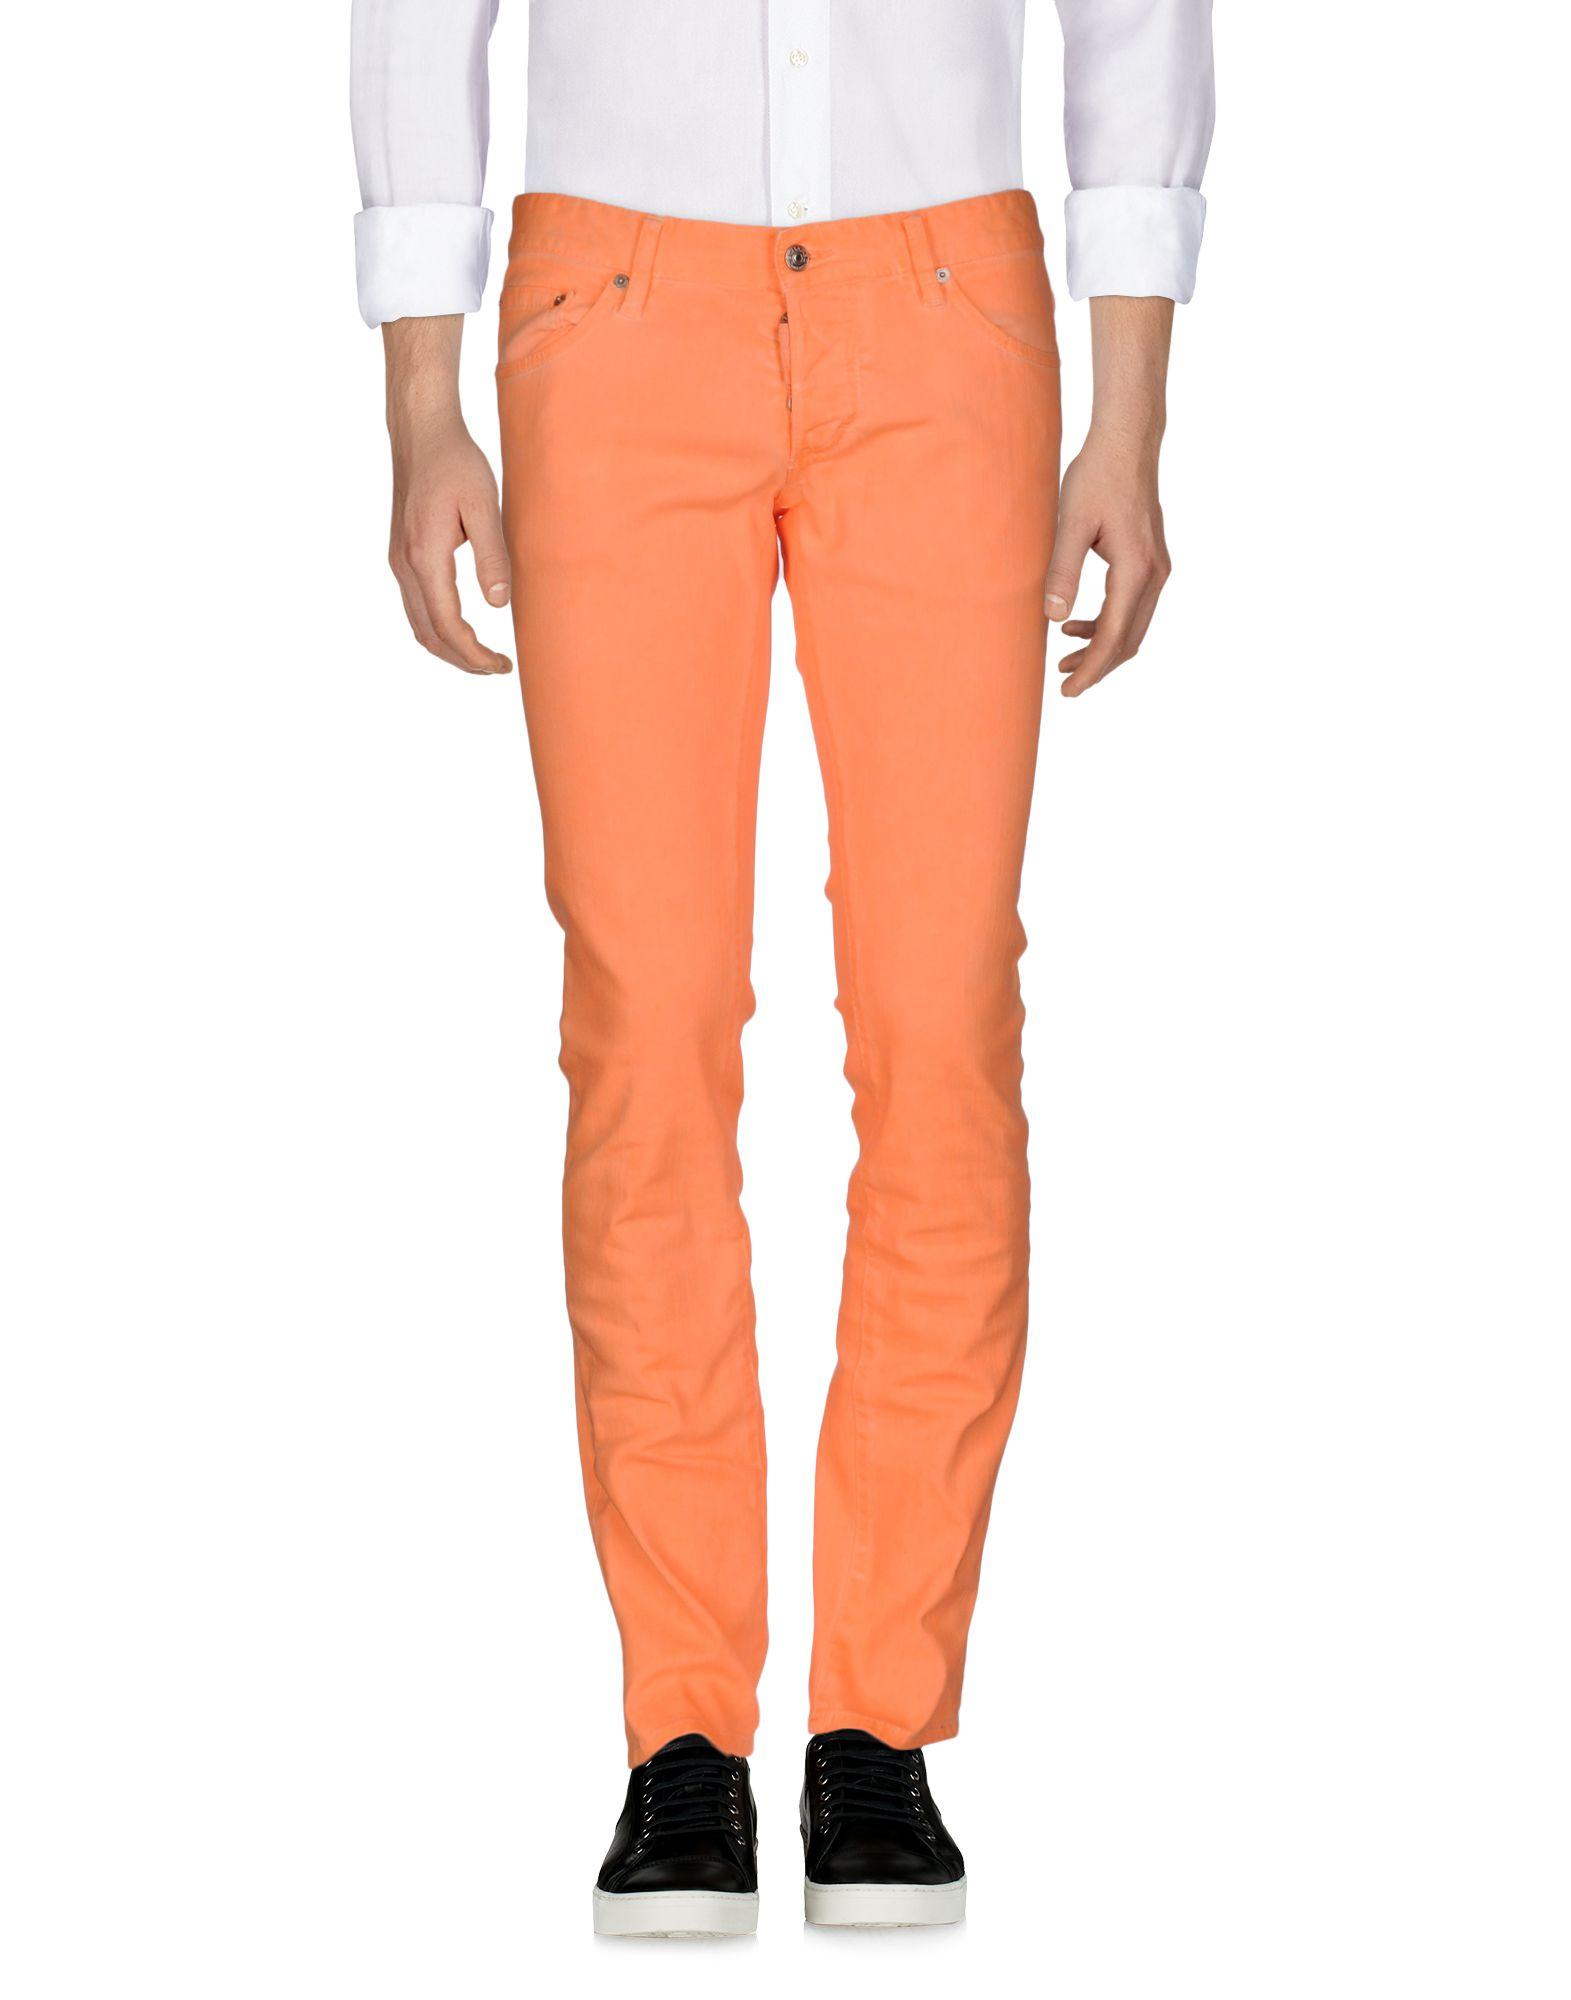 DSQUARED2 Herren Jeanshose Farbe Lachs Größe 3 jetztbilligerkaufen